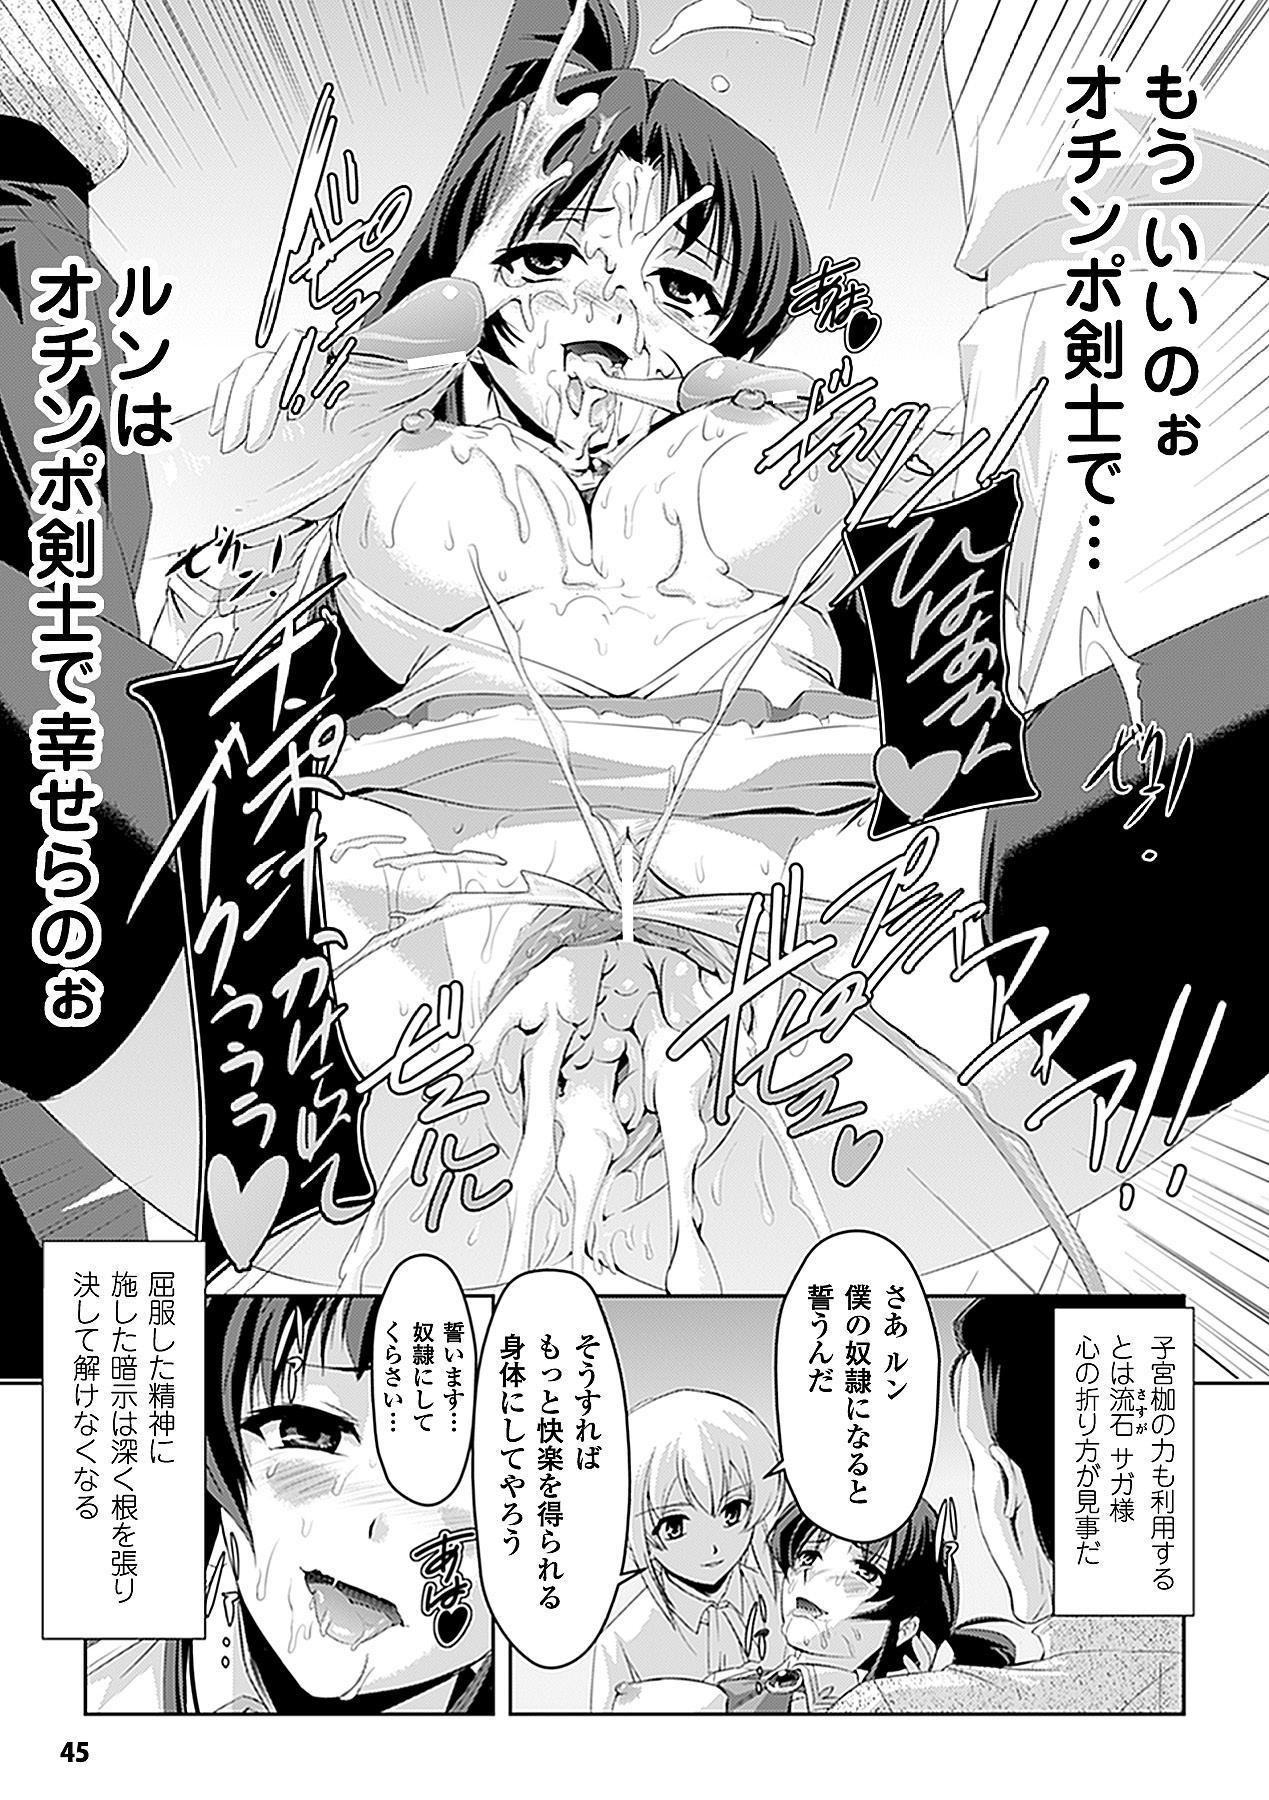 Shirayuri no Kenshi 44